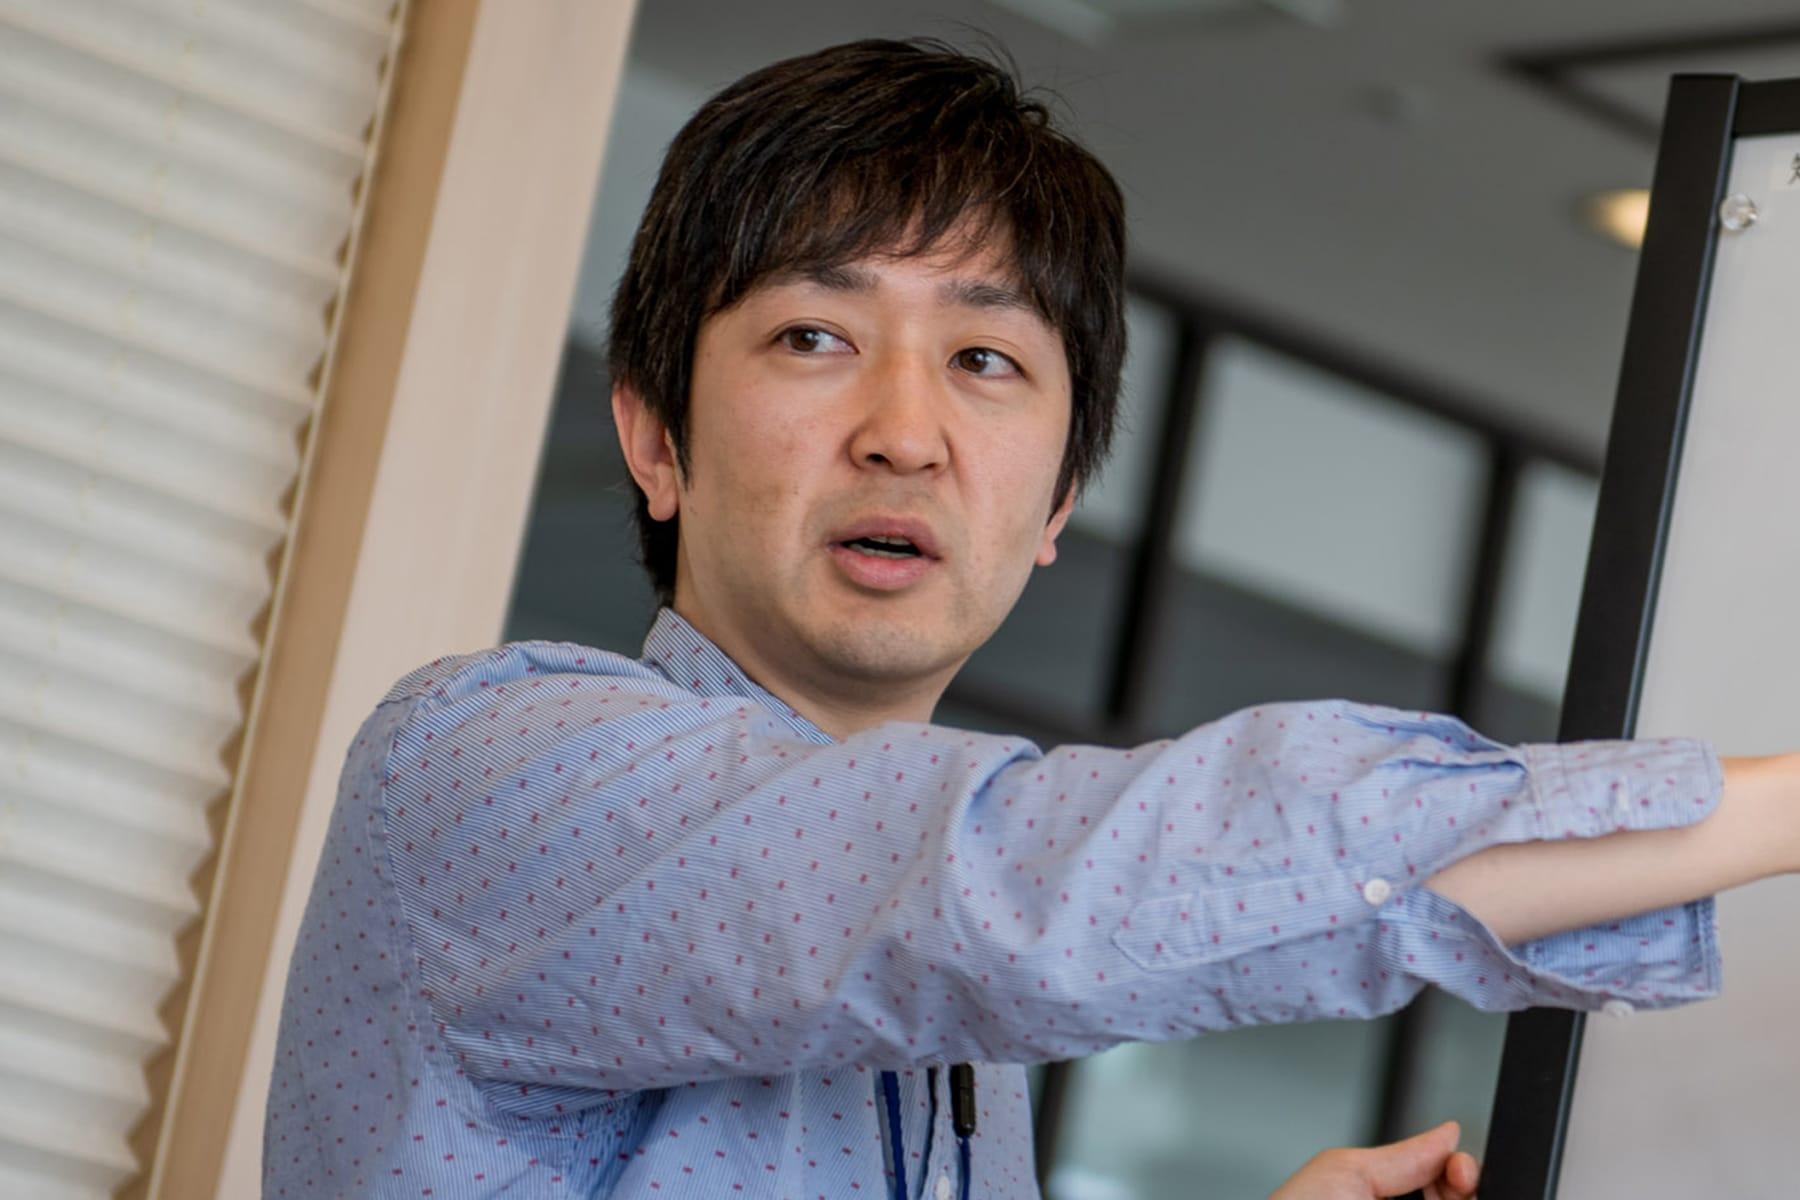 NEC-産総研 人工知能連携研究室プロジェクトマネージャー・NECデータサイエンス研究所 主任 木佐森慶一氏